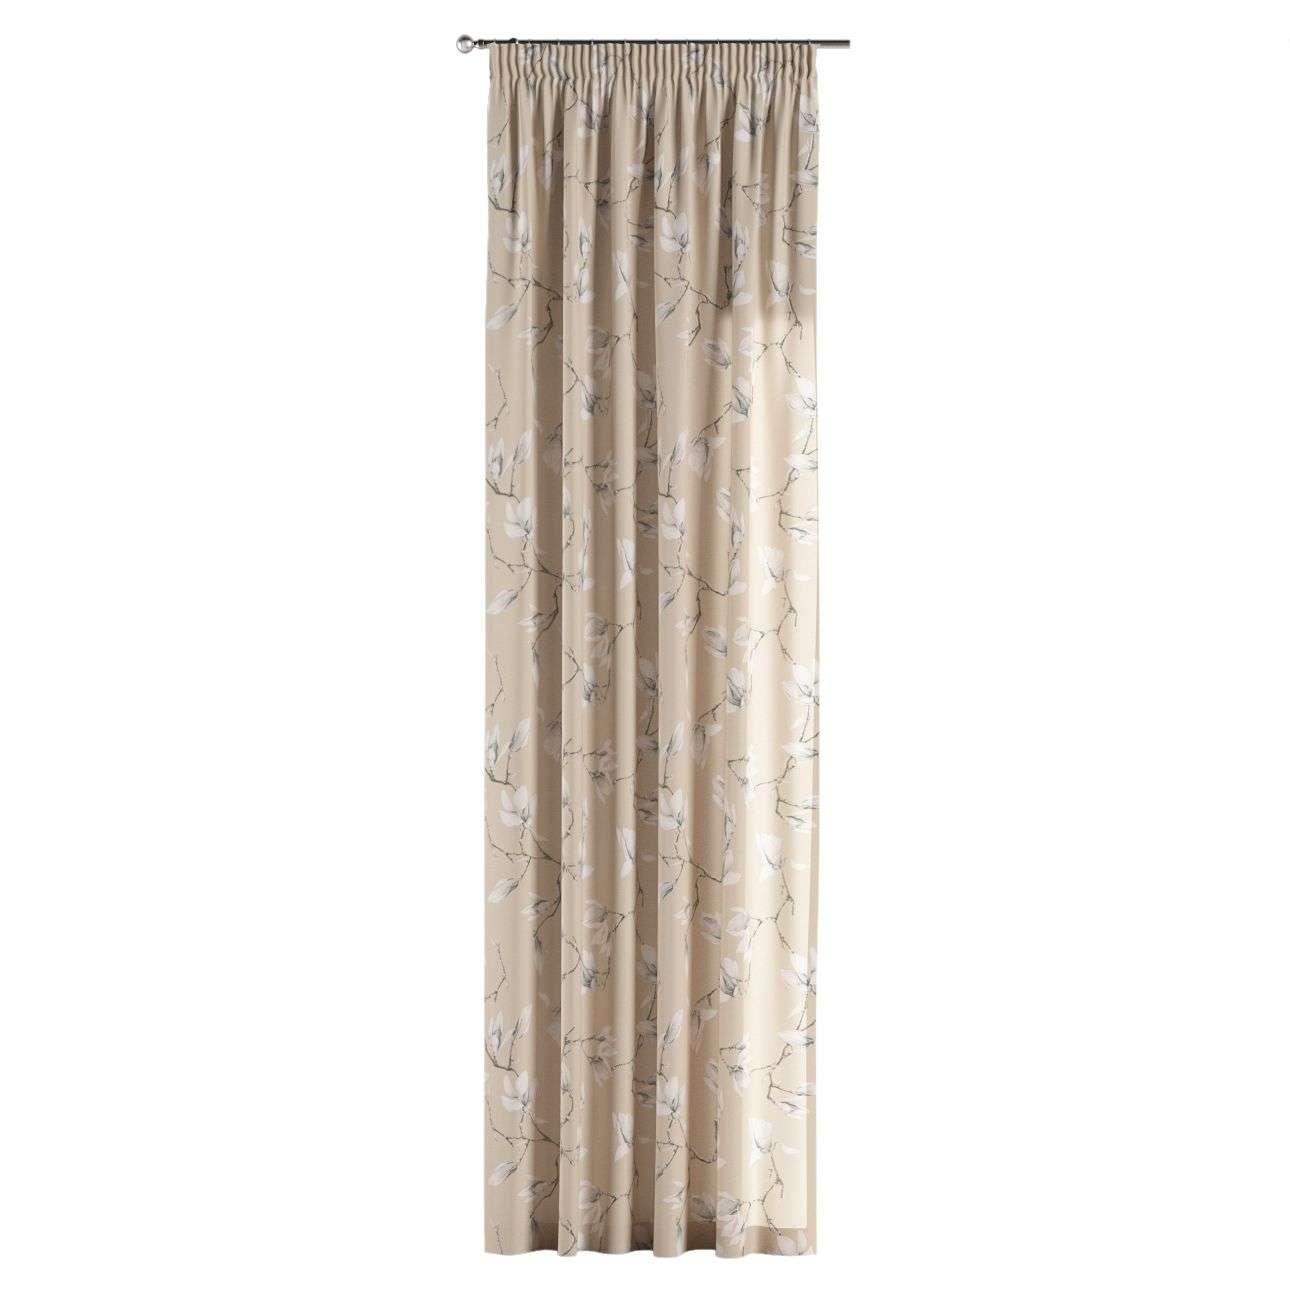 Vorhang mit Kräuselband 1 Stck. 130 x 260 cm von der Kollektion Flowers, Stoff: 311-12